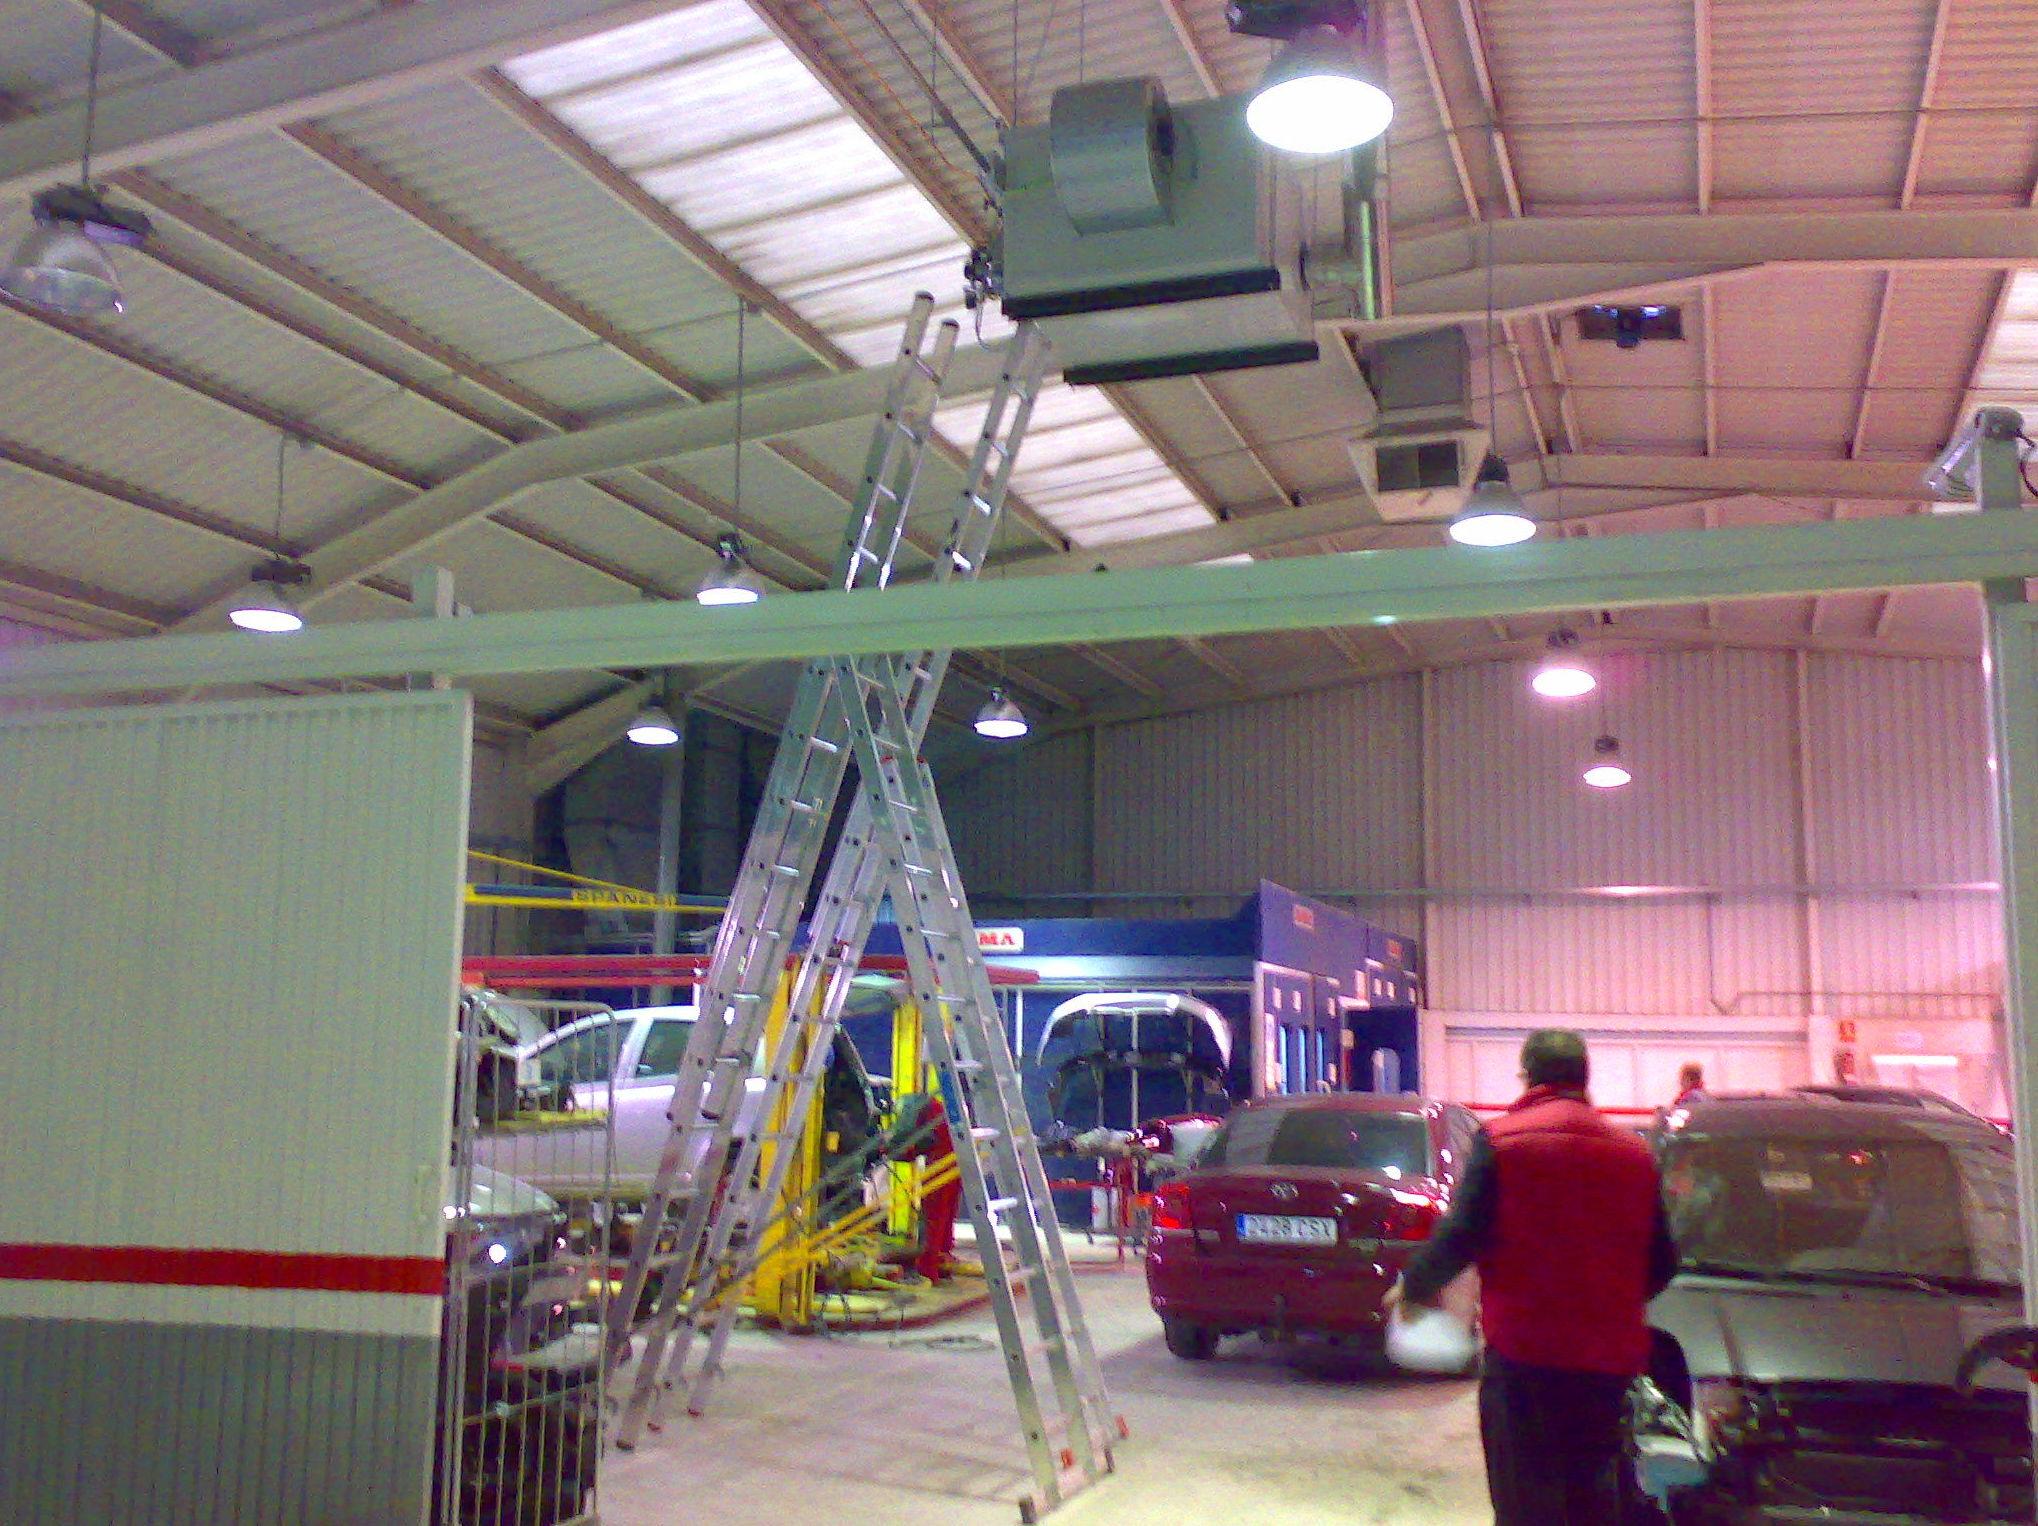 Mantenimientos de generadores de calor y cabinas de pinturas,Reparaciones.